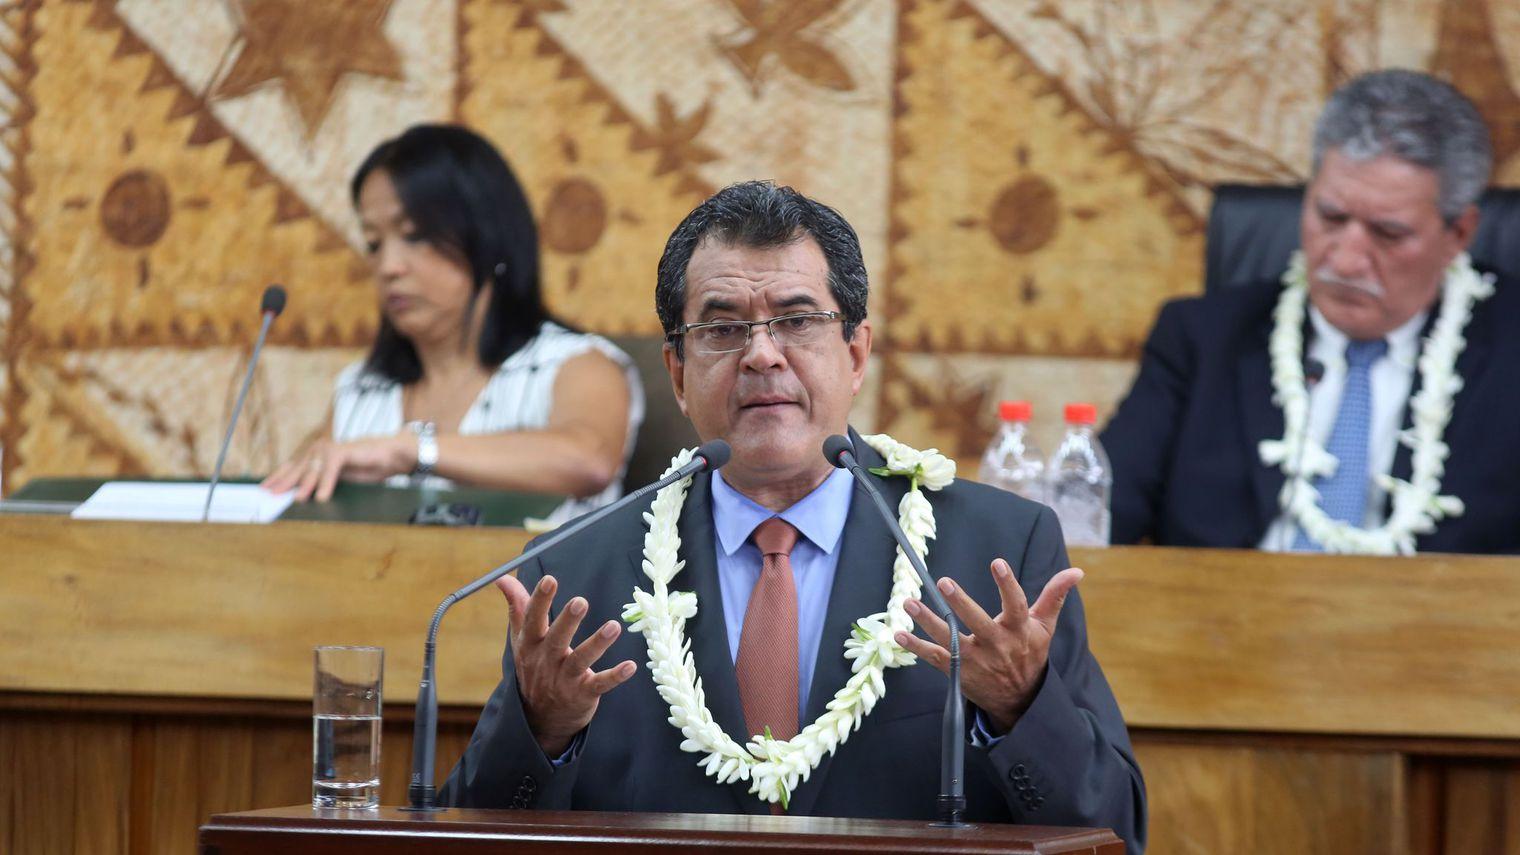 Après son passage devant les membres de la commission des finances, le projet de budget 2017 du gouvernement de la Polynésie française rentrera dans l'arène politique de la pLace Tarahoi ©Gregory Boissy / AFP